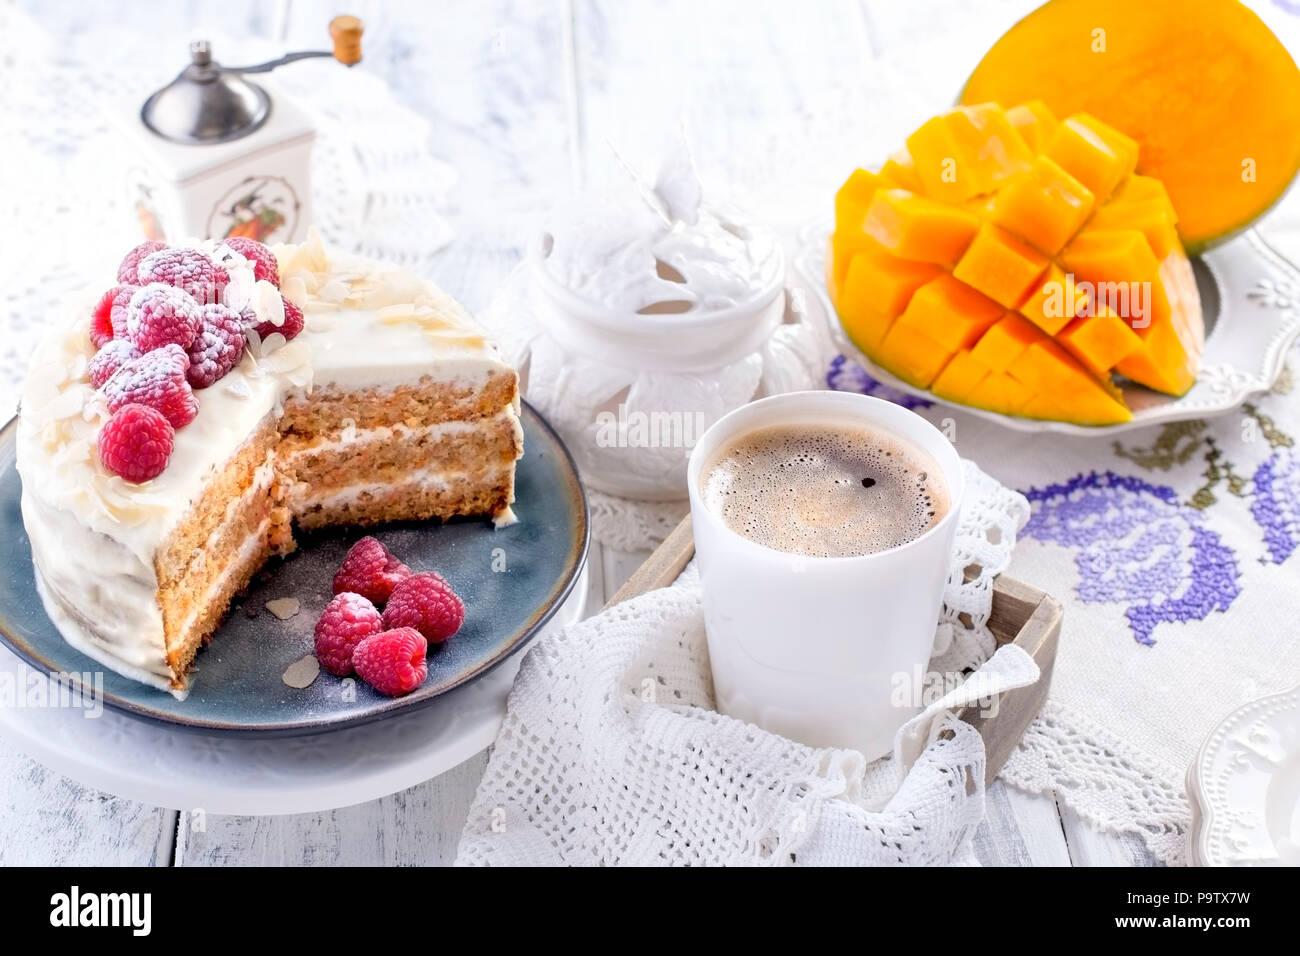 Couper le gâteau avec la crème blanche, pour le petit-déjeuner. Une mangues. Fond blanc, nappe de dentelle, une tasse de café noir parfumé et l'espace libre pour le texte ou la publicité. Photo Stock